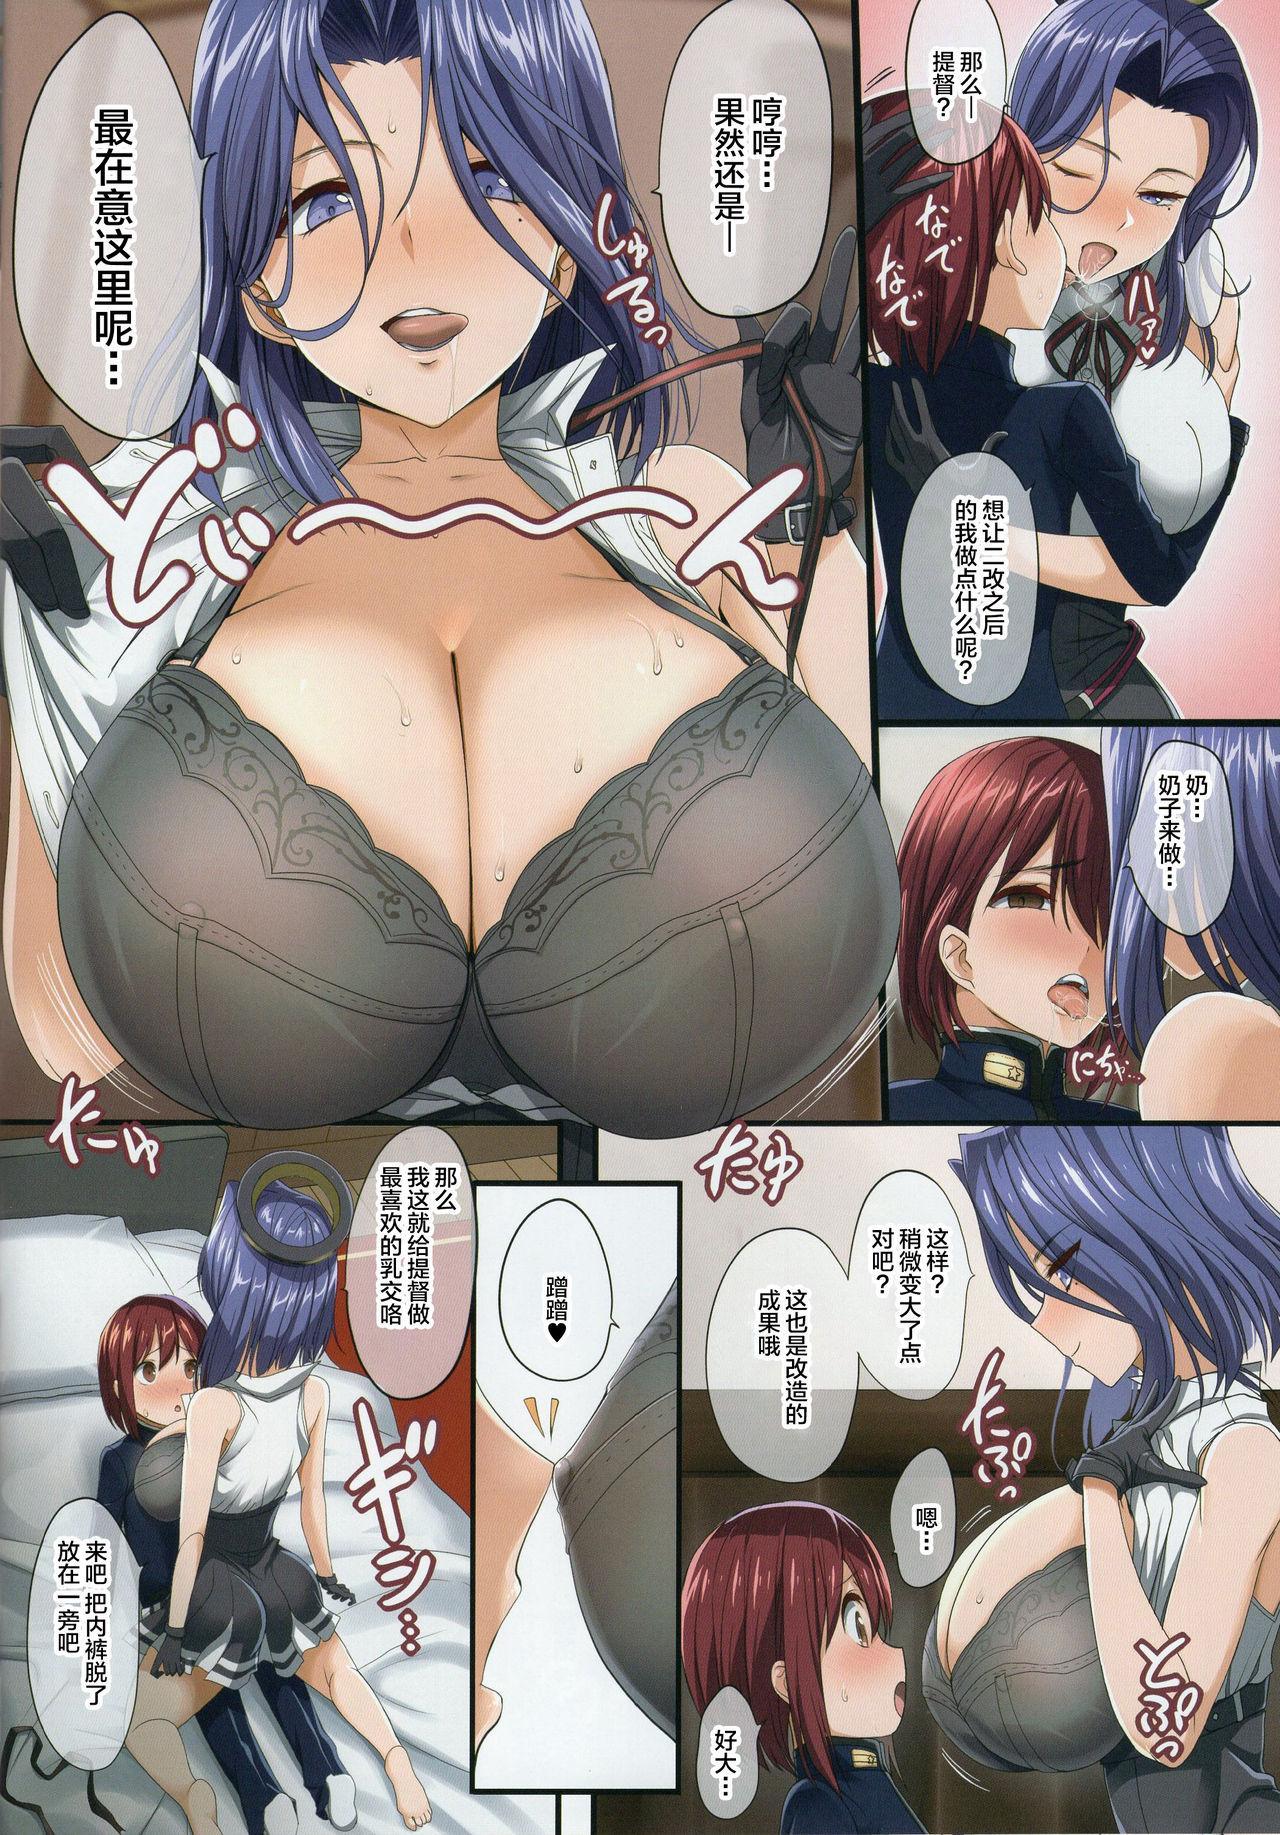 Seishi no Shinigami 4